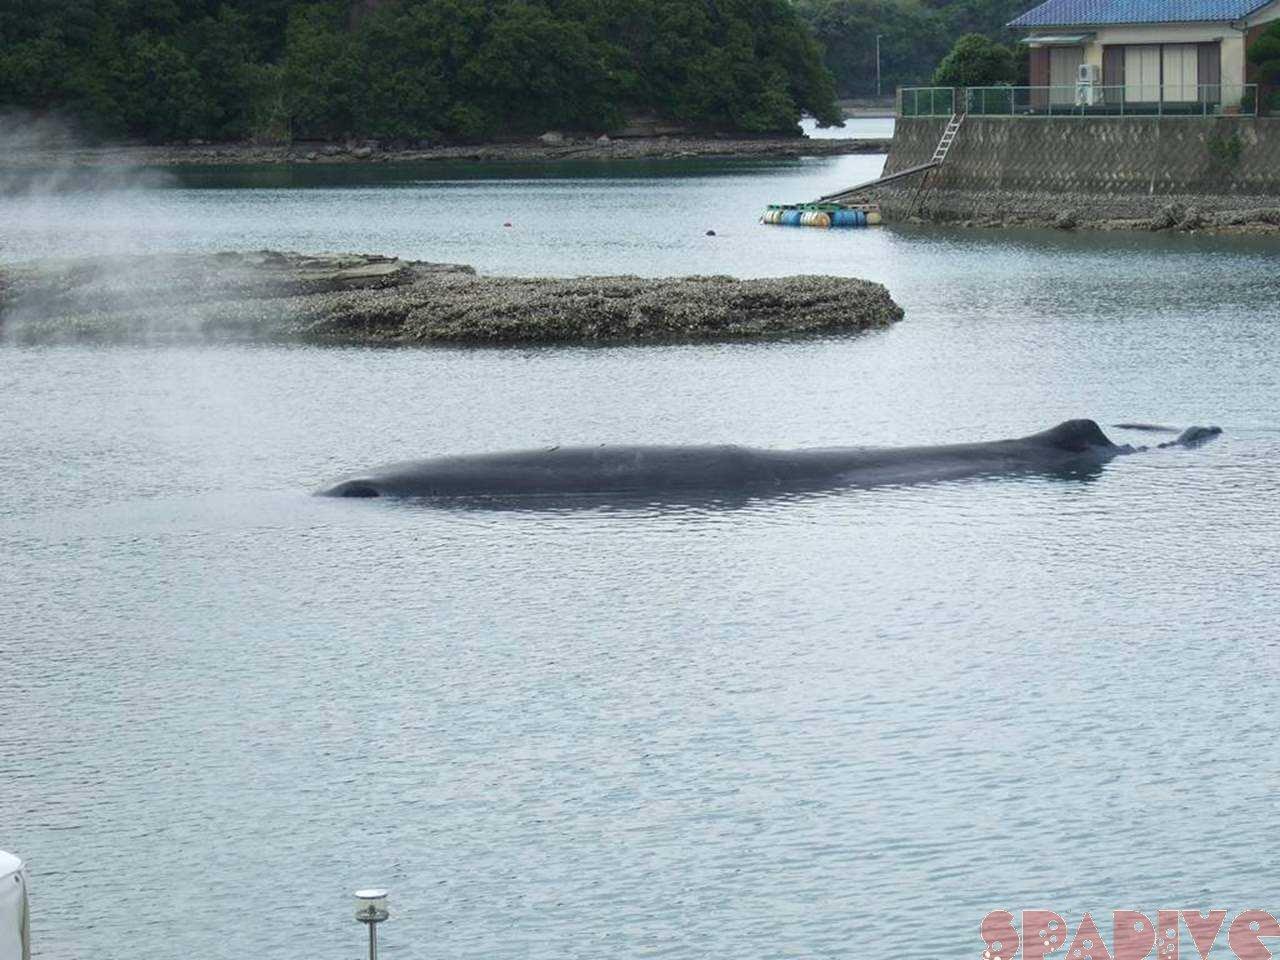 ホエールウォッチング|田辺市内浦湾の迷いクジラ|5/15/2009